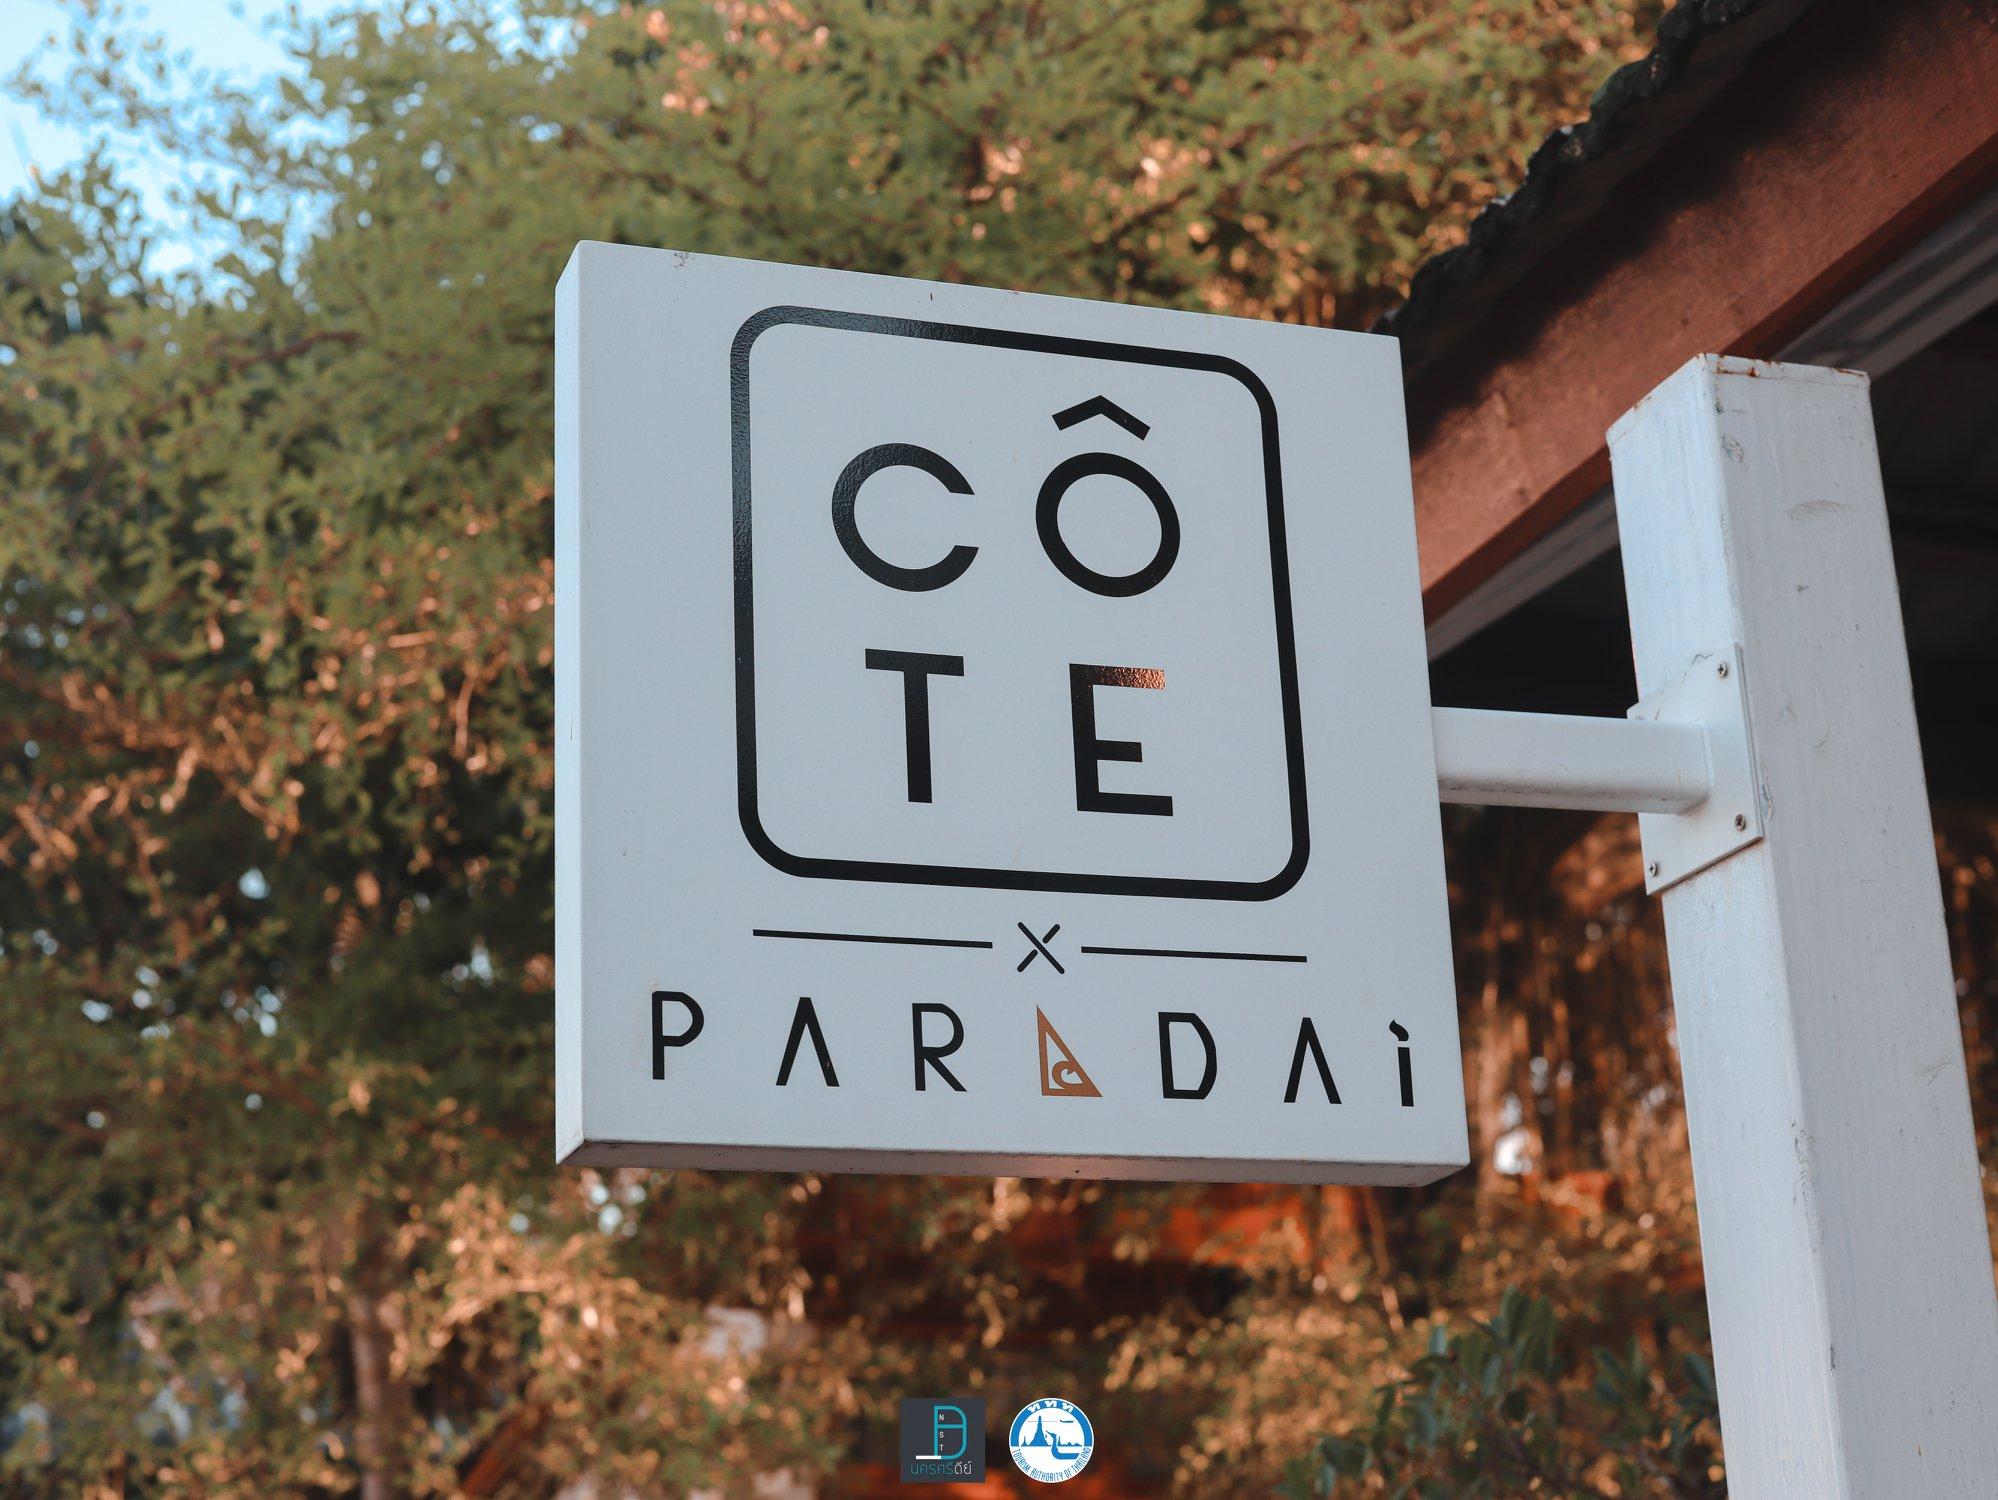 โกโก้ นครศรีธรรมราช เมืองแห่งช็อกโกแลต เครื่องถม เส้นทางการท่องเที่ยวแนวใหม่ที่ต้องห้ามพลาด นครศรีดีย์